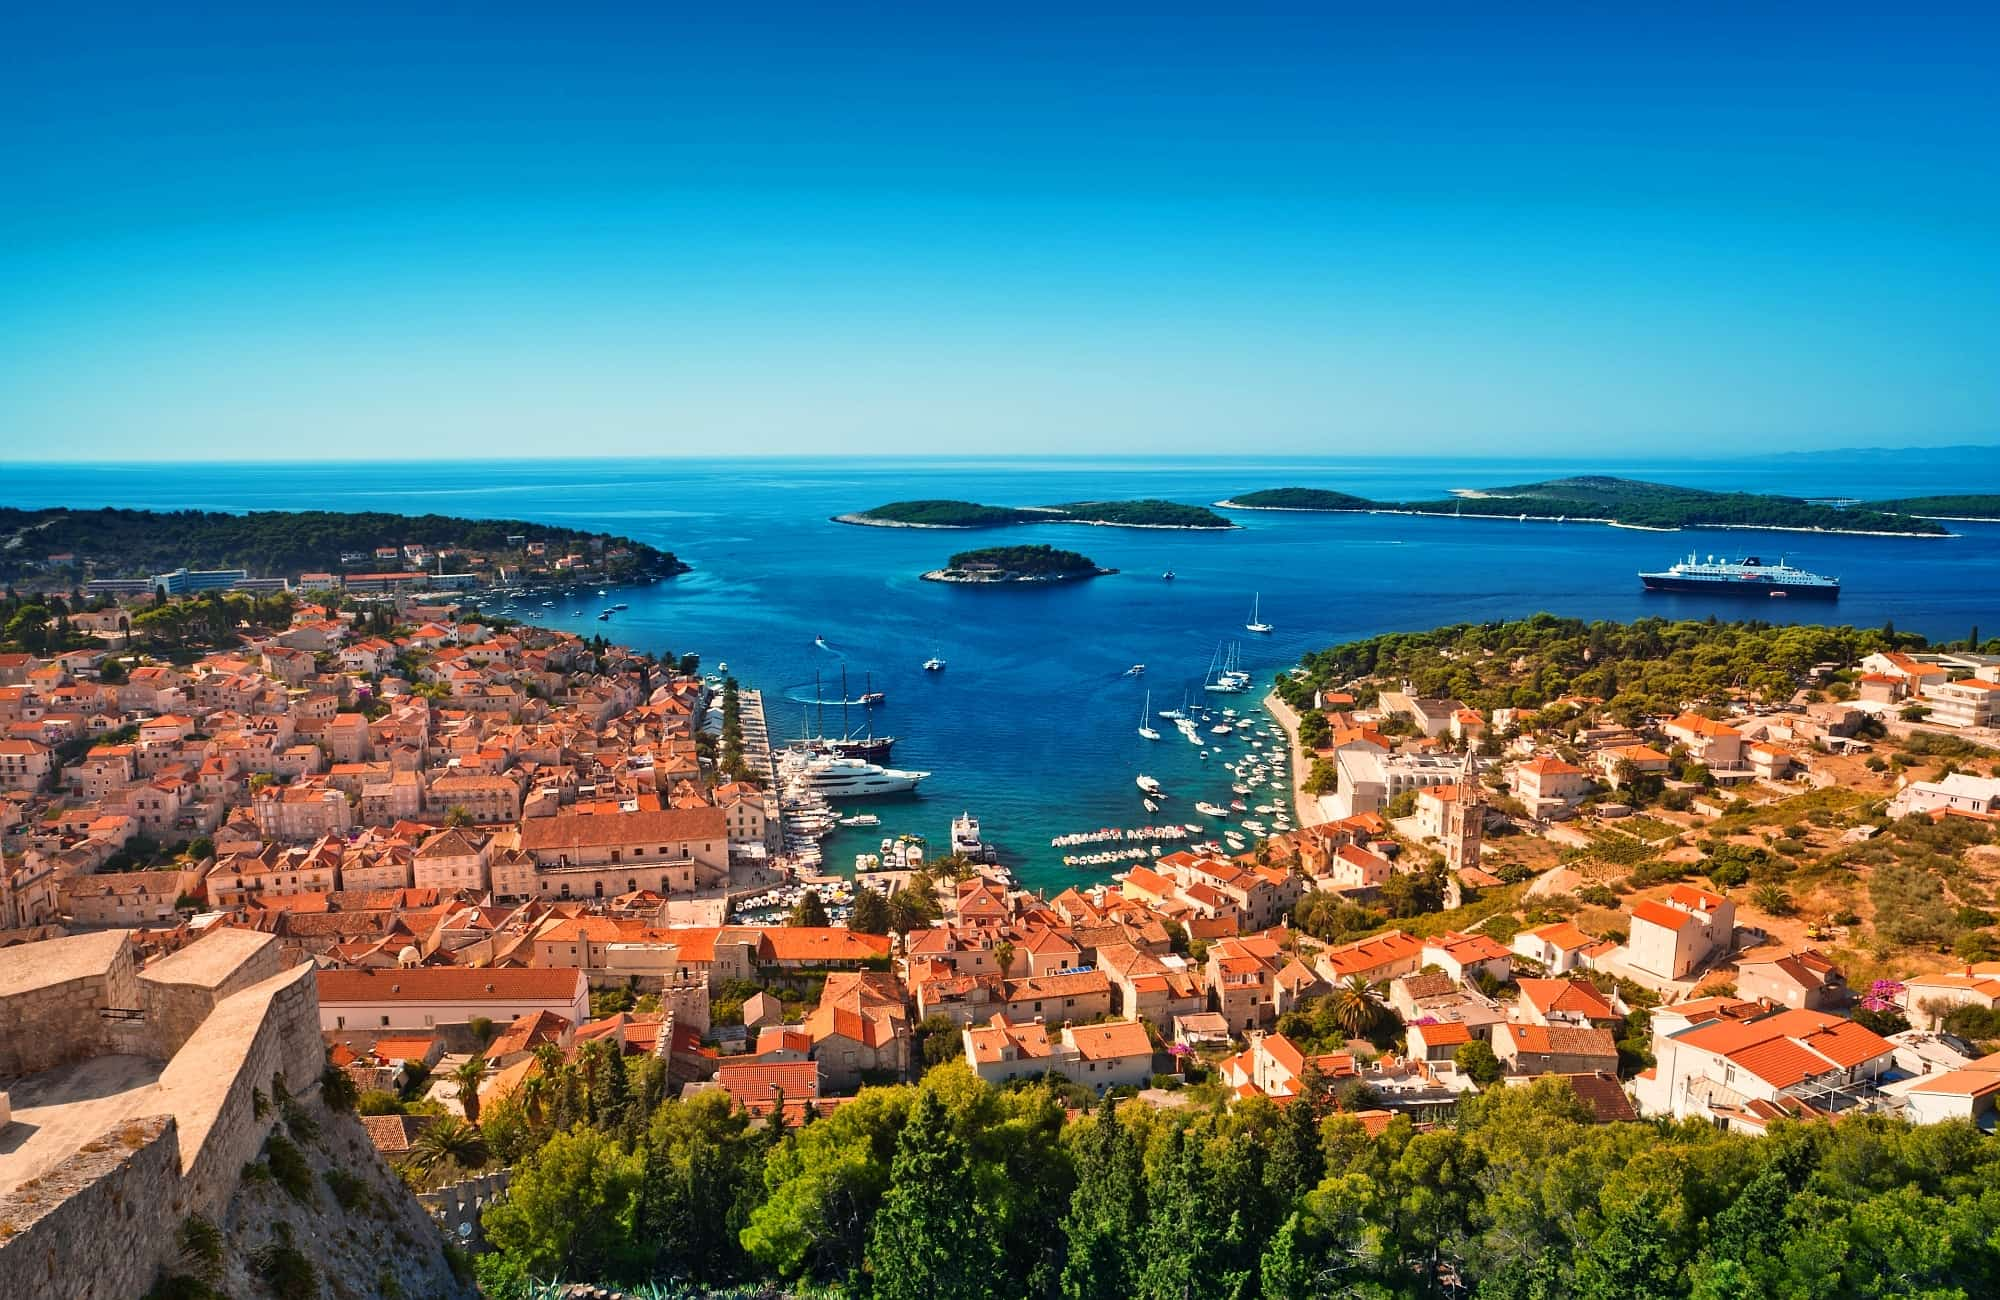 Depuis les hauteurs, le port d'Hvar se découvre